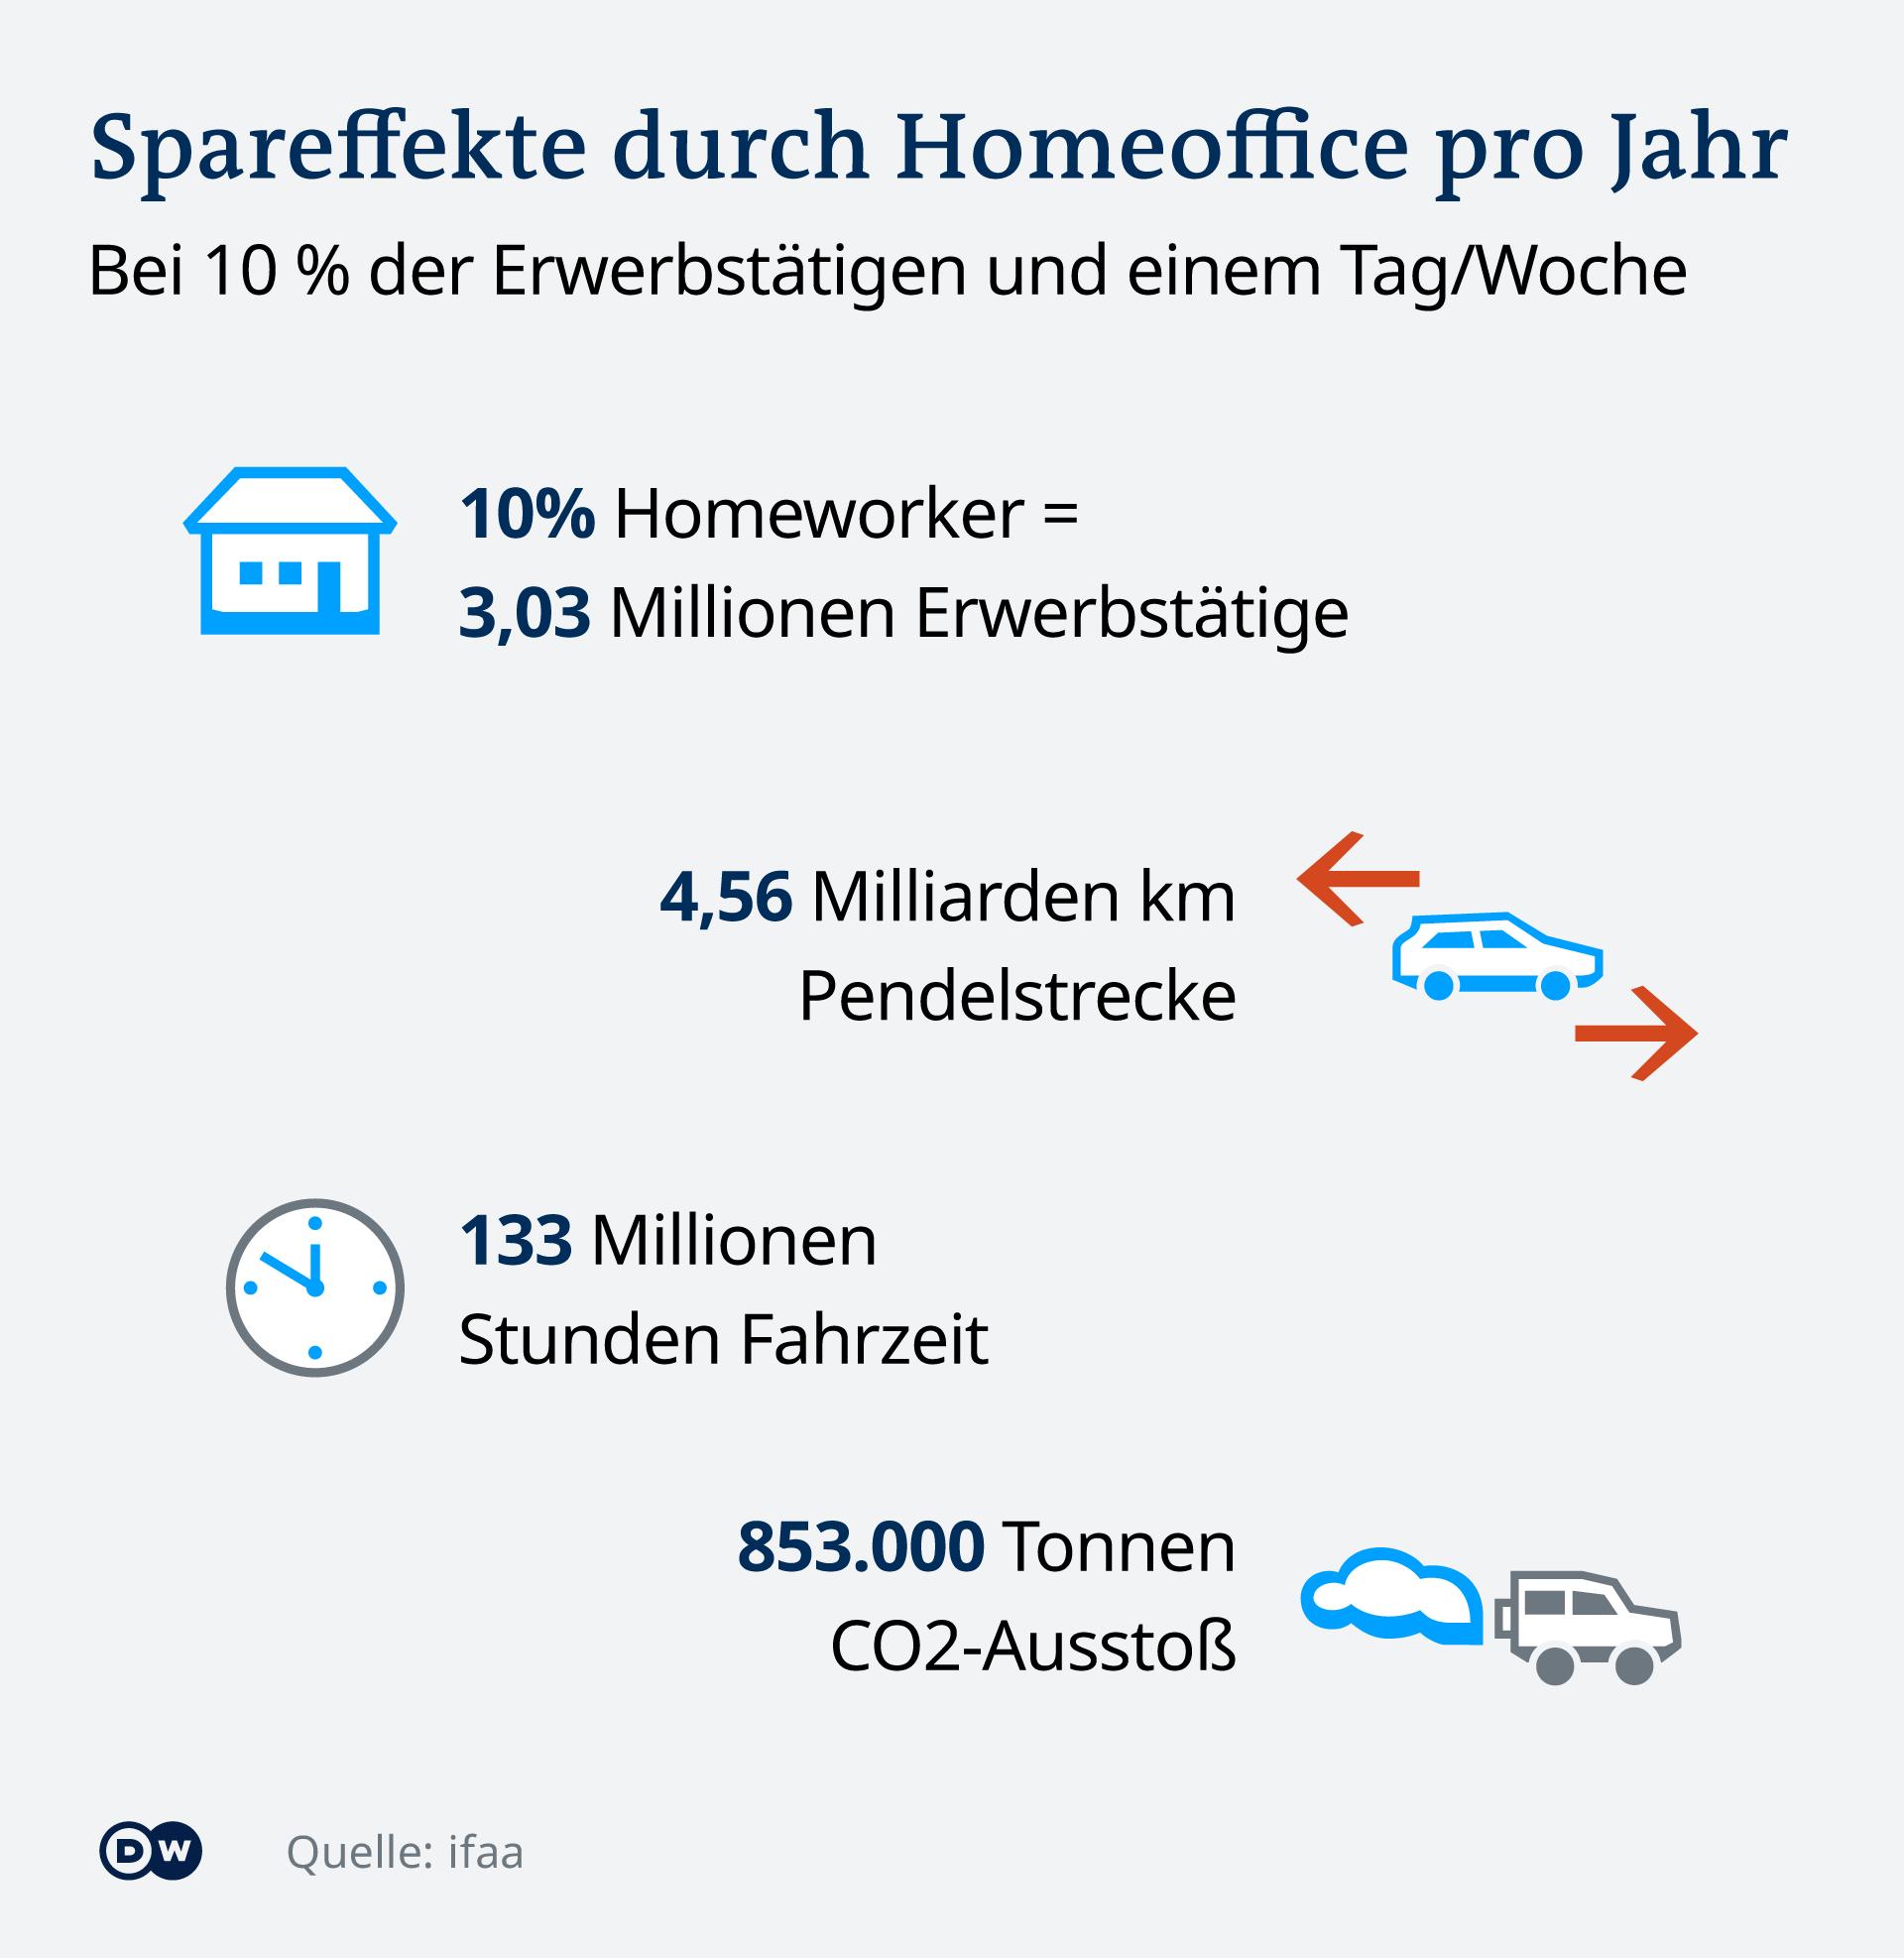 Grafik Spareffekte durch Homeoffice - wenn 10 Prozent der Arbeitnehmer einen Tag in der Woche von zu Hause arbeiten würden, würden pro Jahr 853.000 Tonnen C02 eingespart.